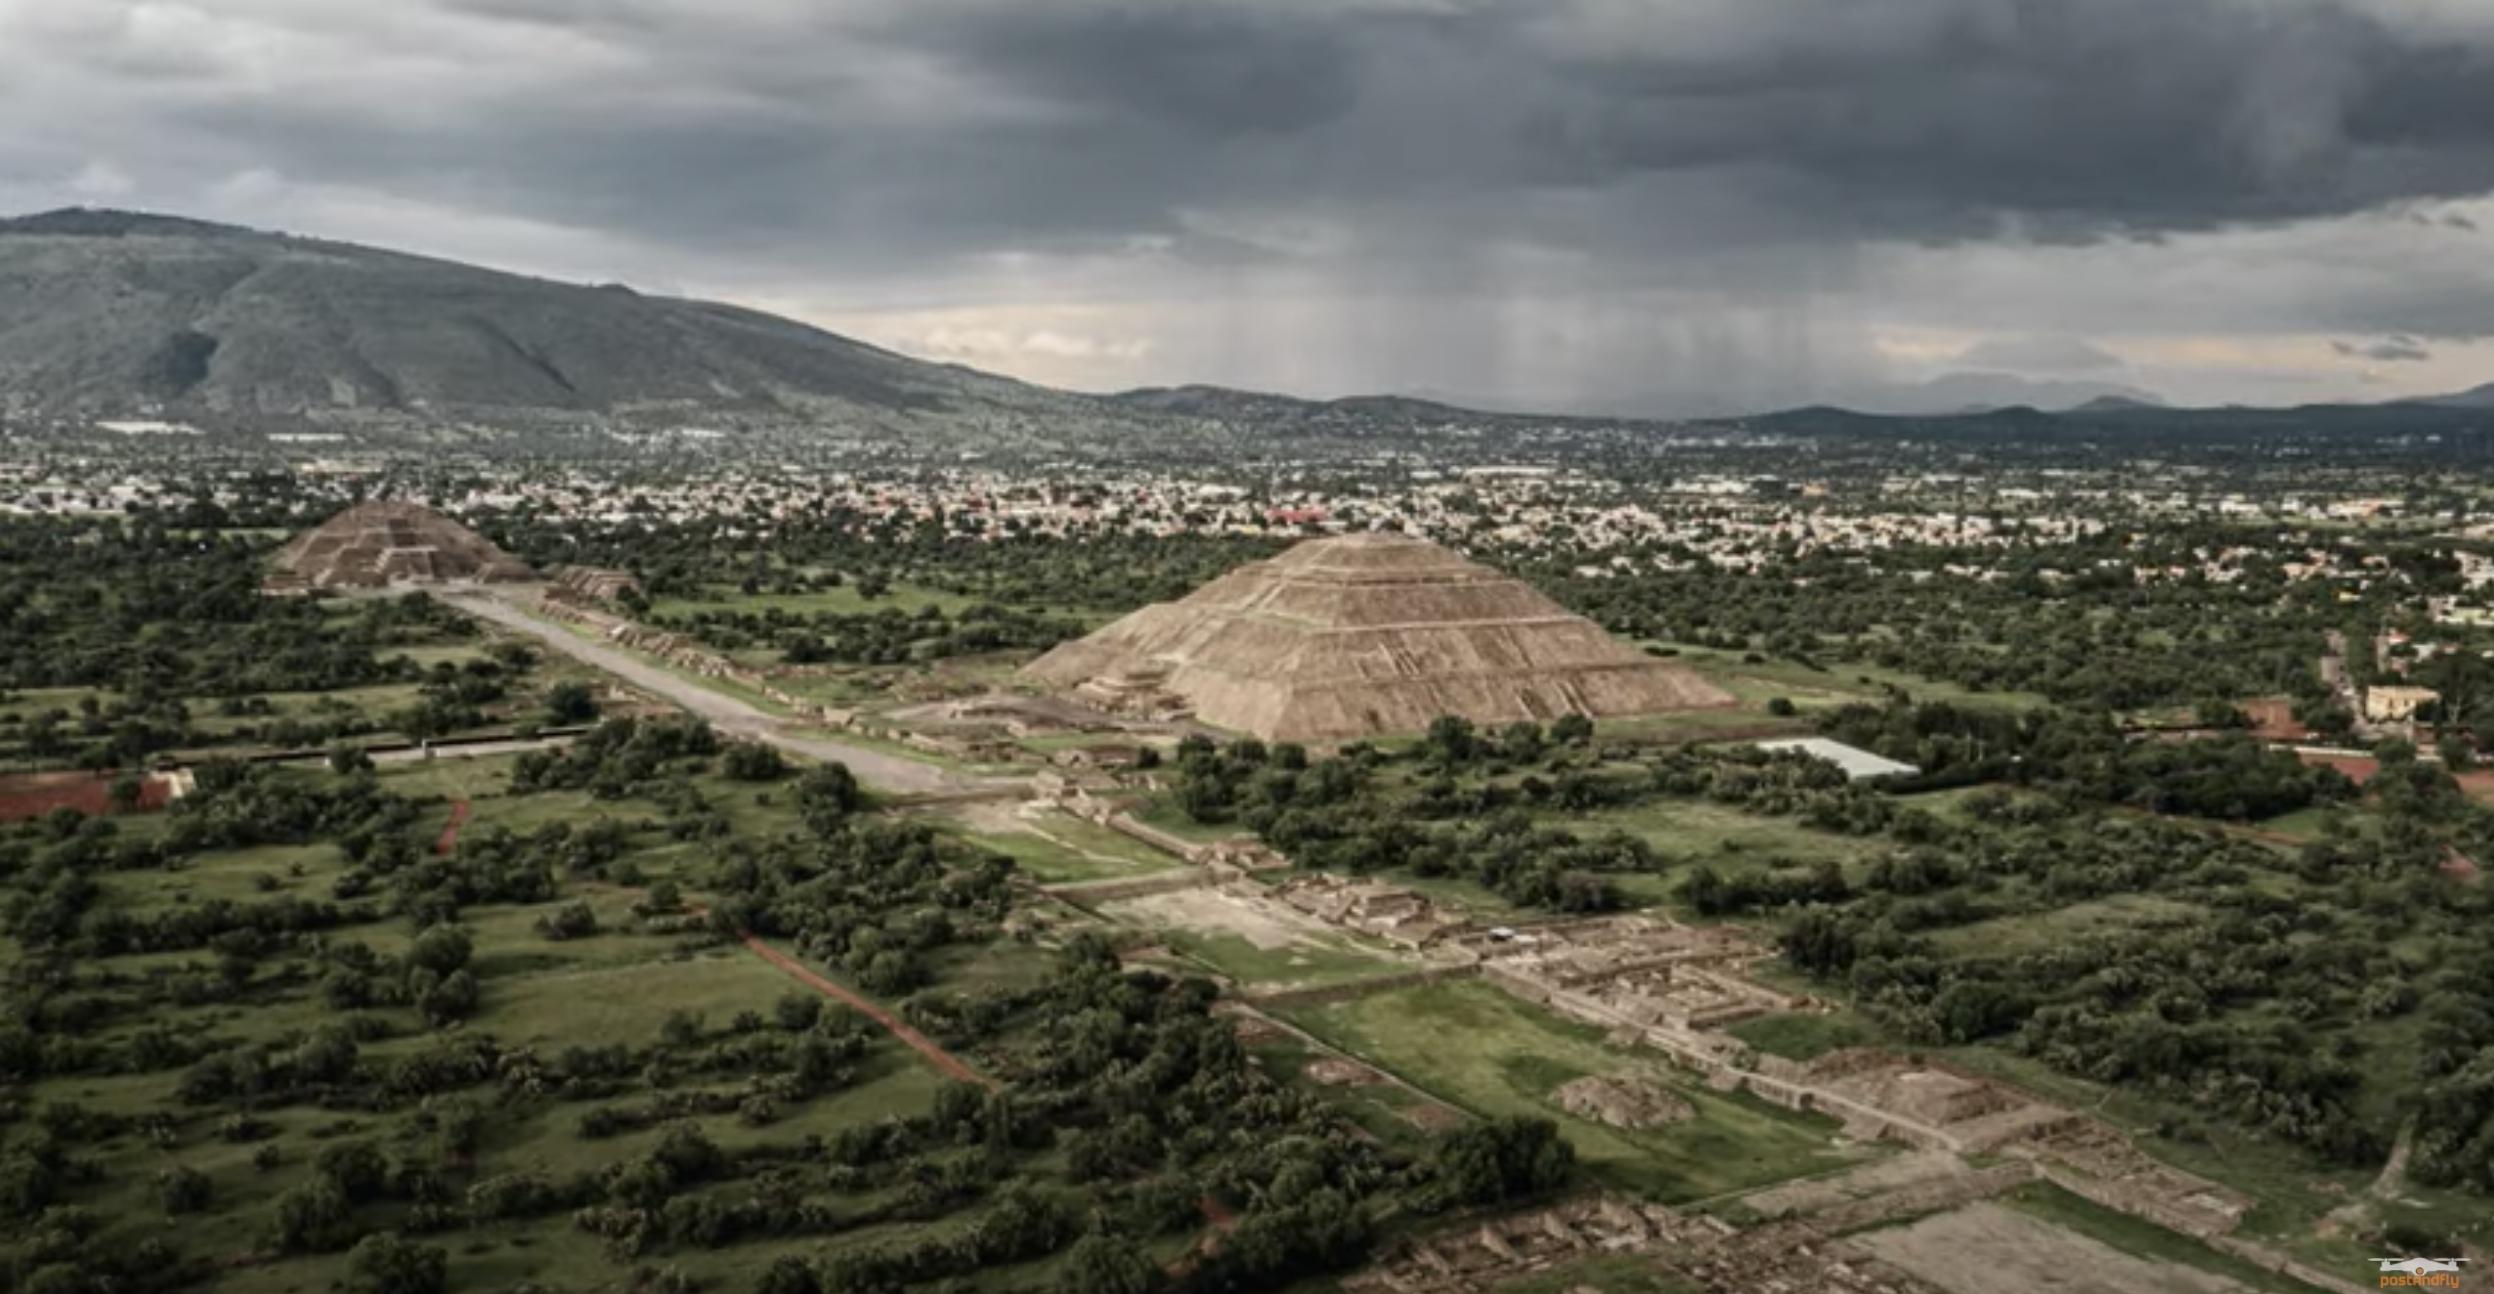 ¡Teotihuacán como nunca antes! Vean estas increíbles imágenes aéreas de las famosas pirámides